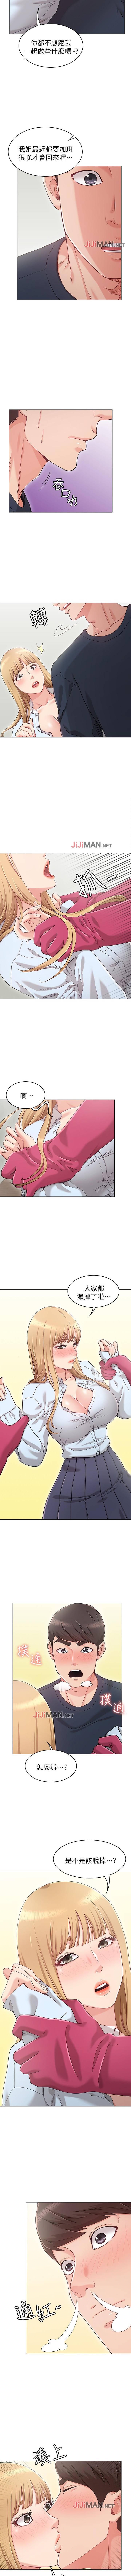 【周六连载】女友的姐姐(作者:橡果人&獵狗) 第1~14话 5